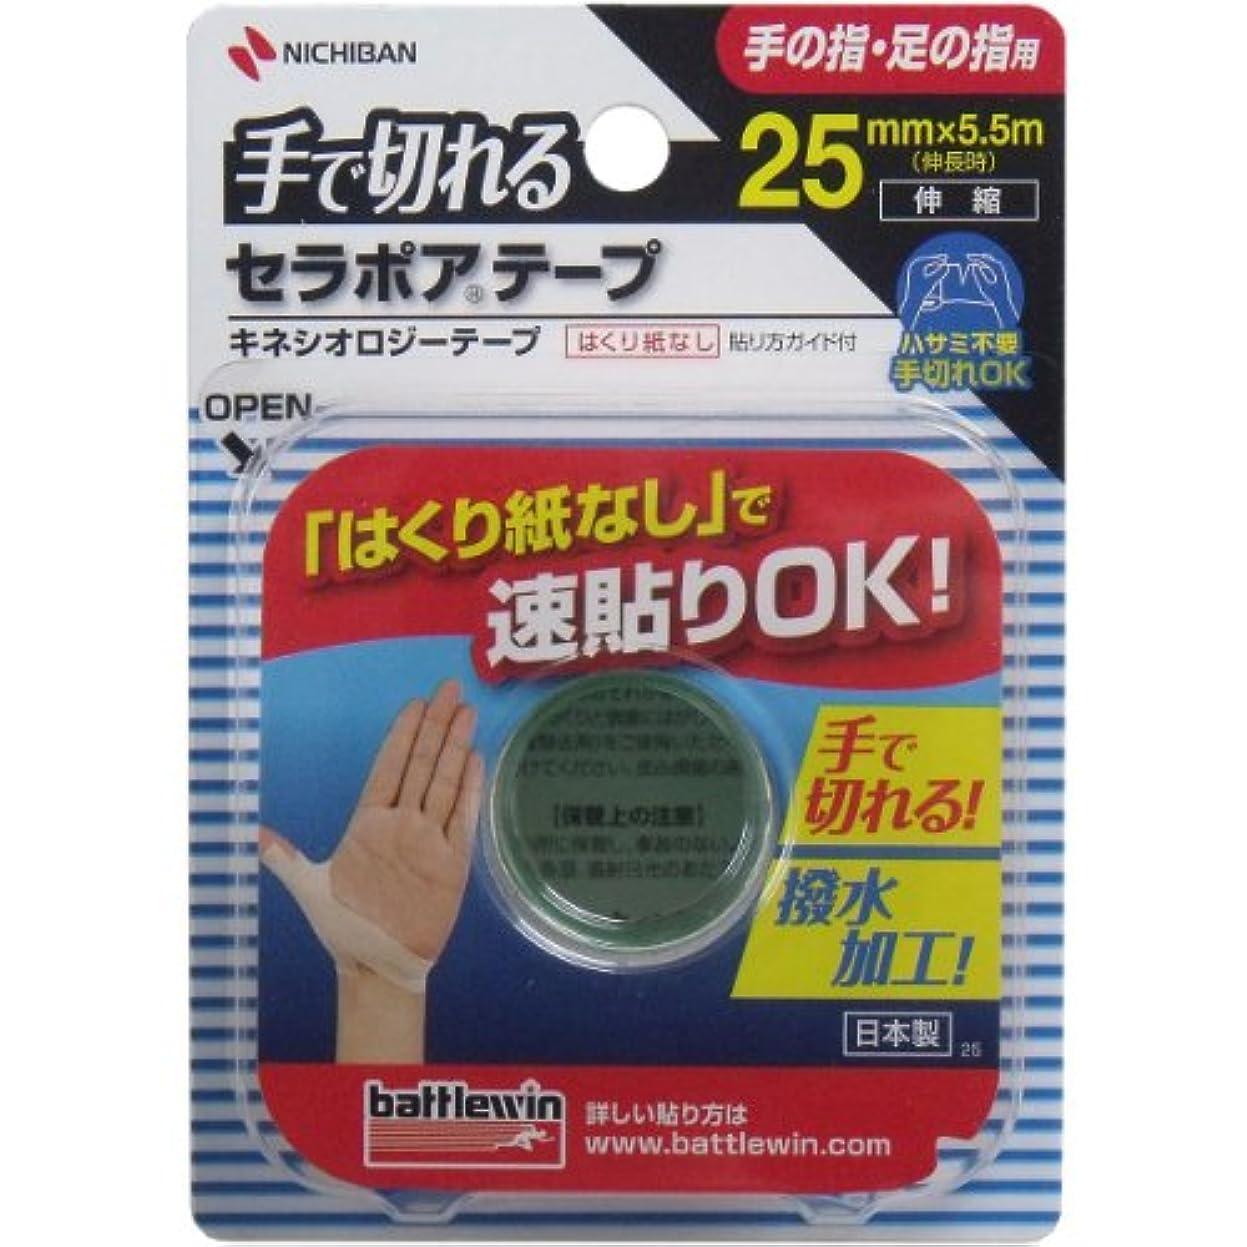 水没小康酸っぱいバトルウィン 手で切れるセラポアテープ 25mmX5.5m SEFX25F×2個セット